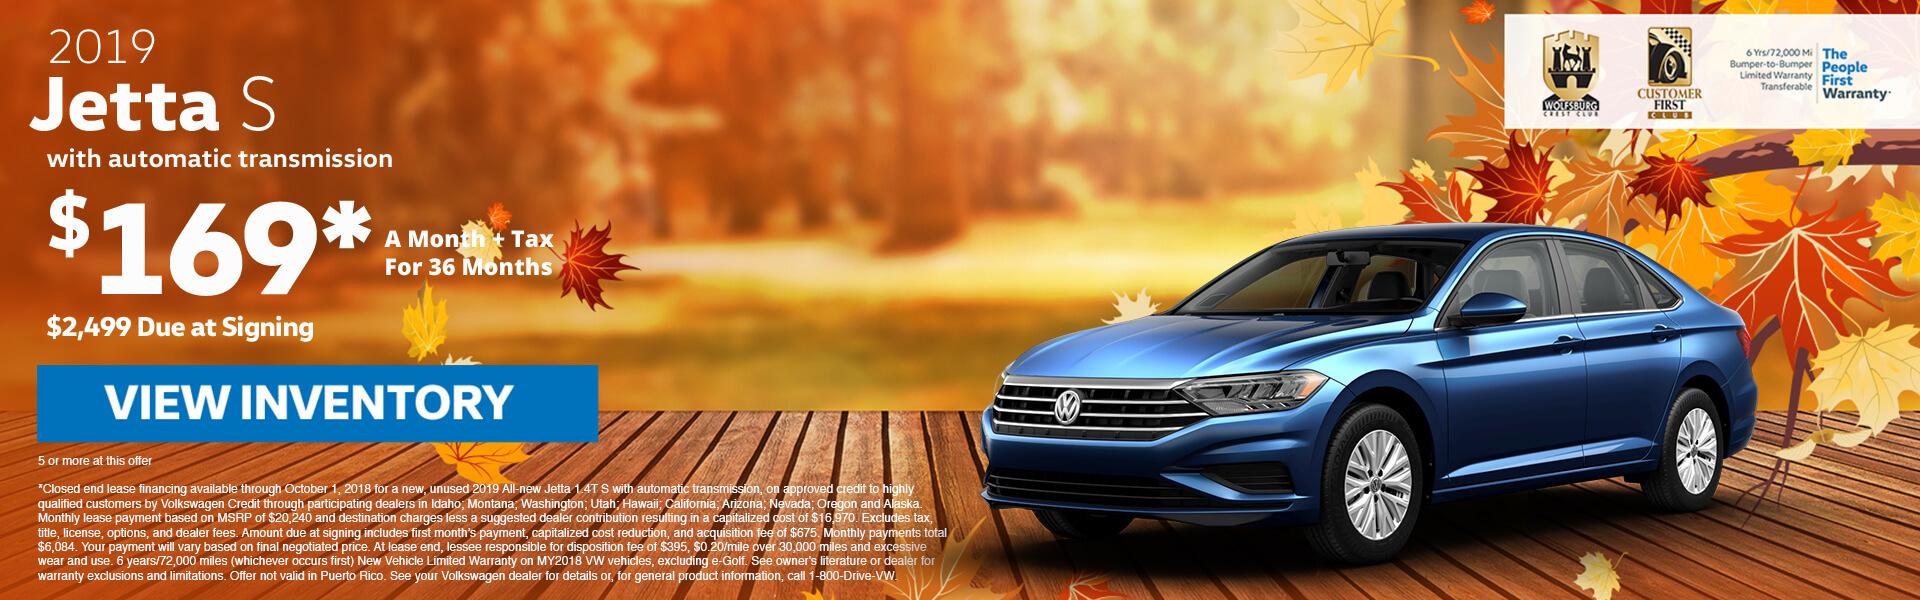 Volkswagen jetta lease $99 a month